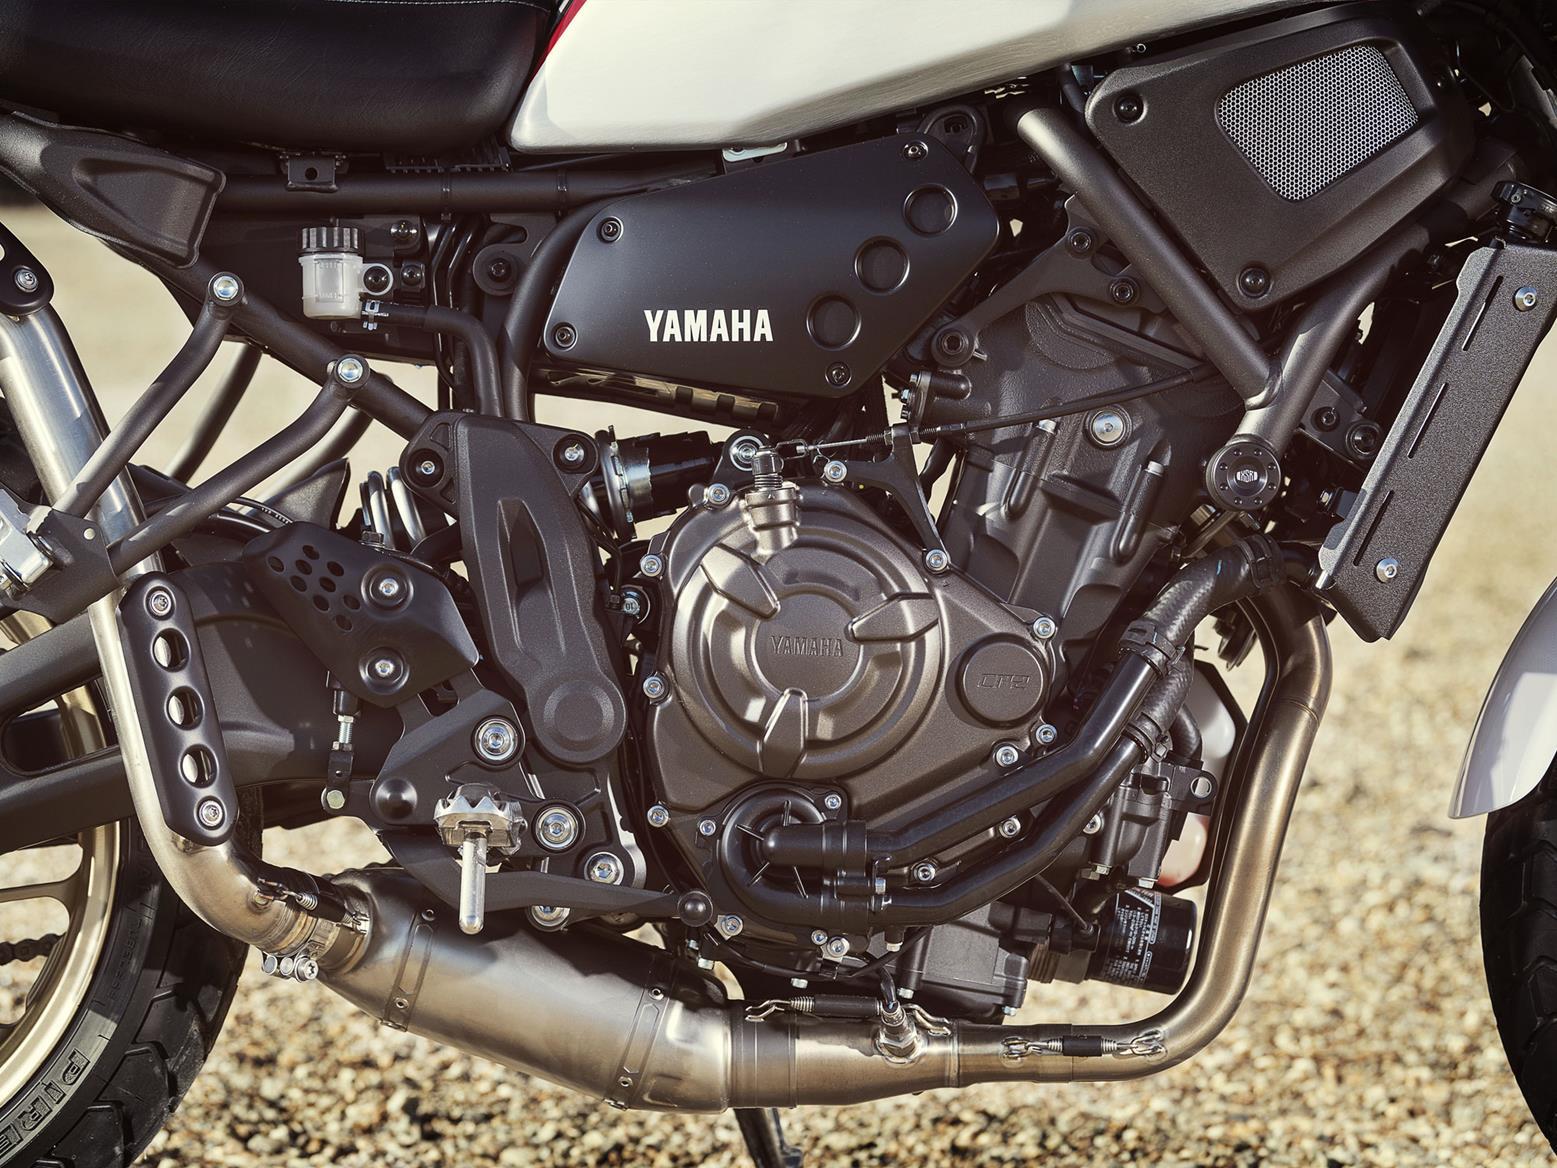 Yamaha XSR XTribute engine